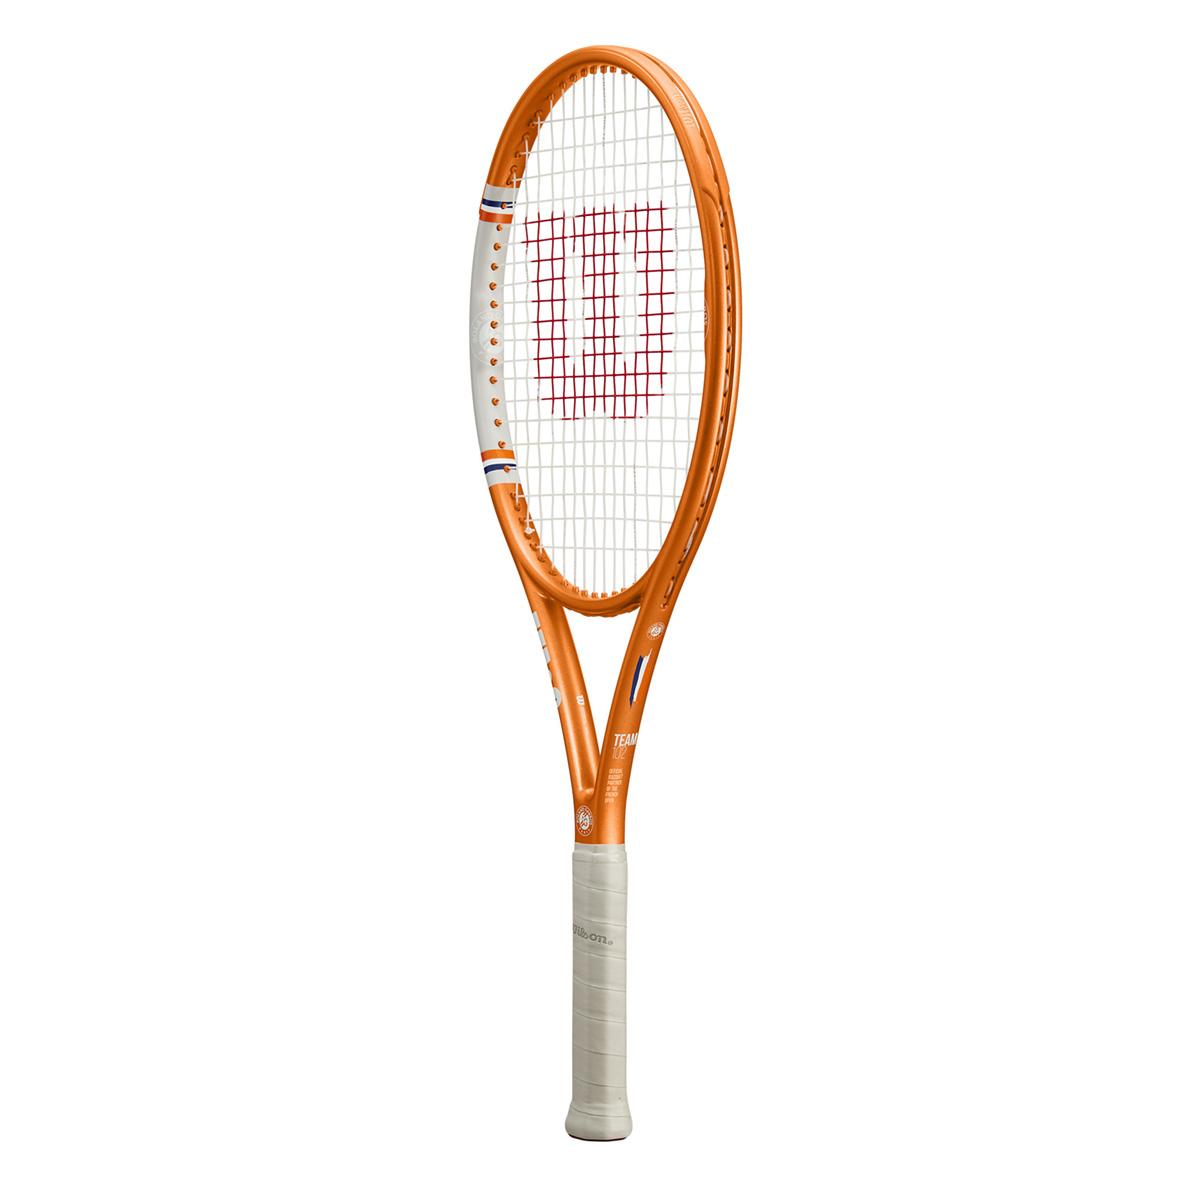 WR066310U_2_Roland_Garros_Team_102_OR_Oyster.png.cq5dam.web.2000.2000